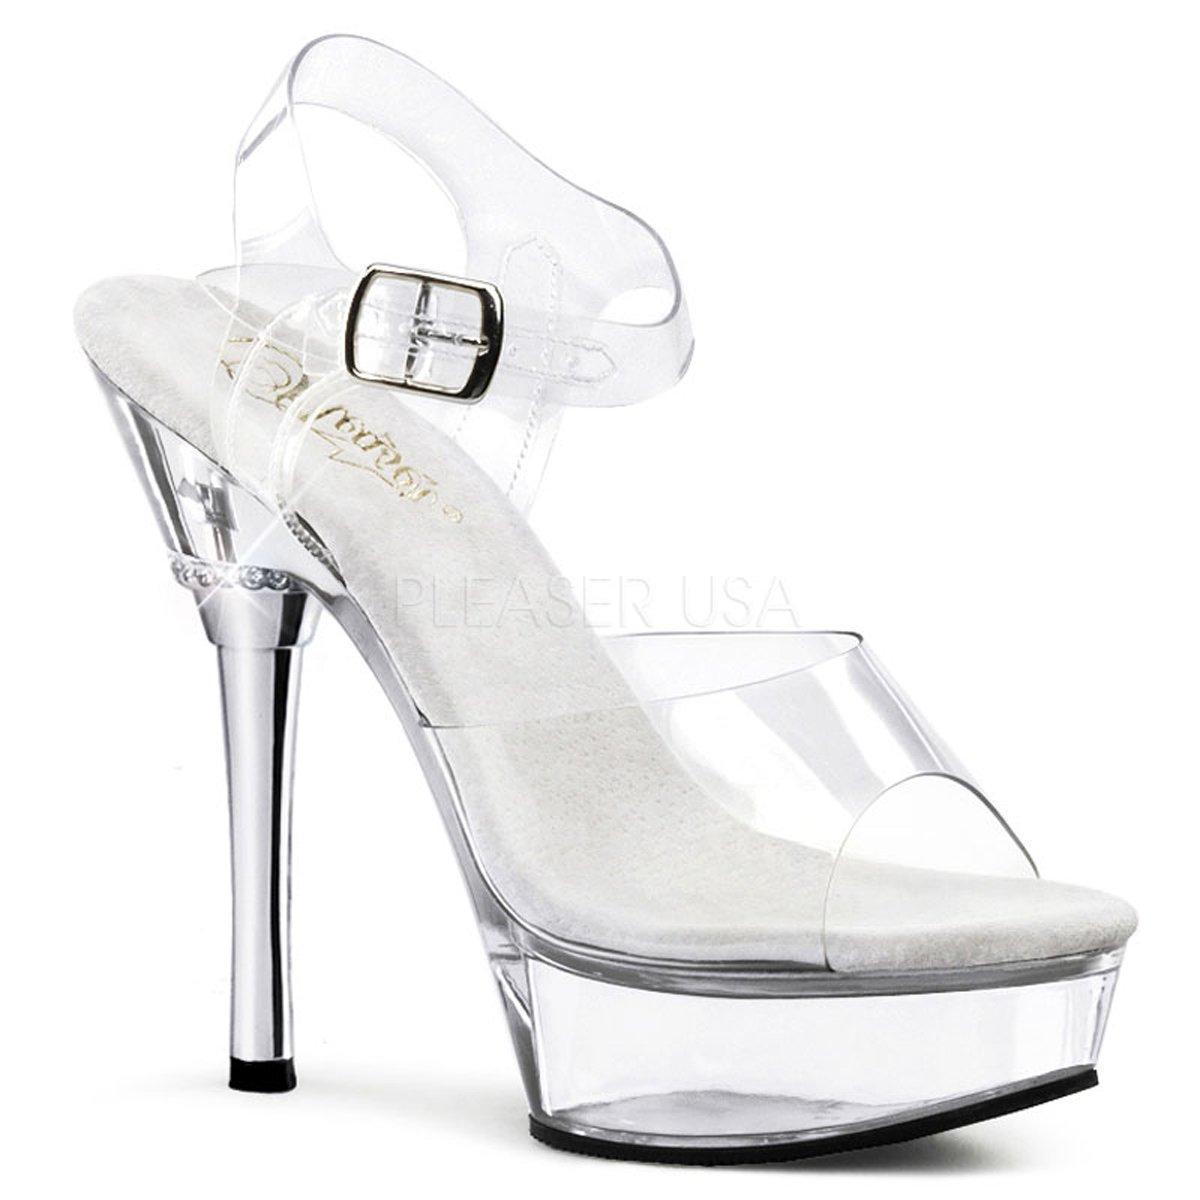 ALLURE-608 Luxusní bílé sandálky s průhlednými pásky na chromovém podpatku 9e0387cf5a